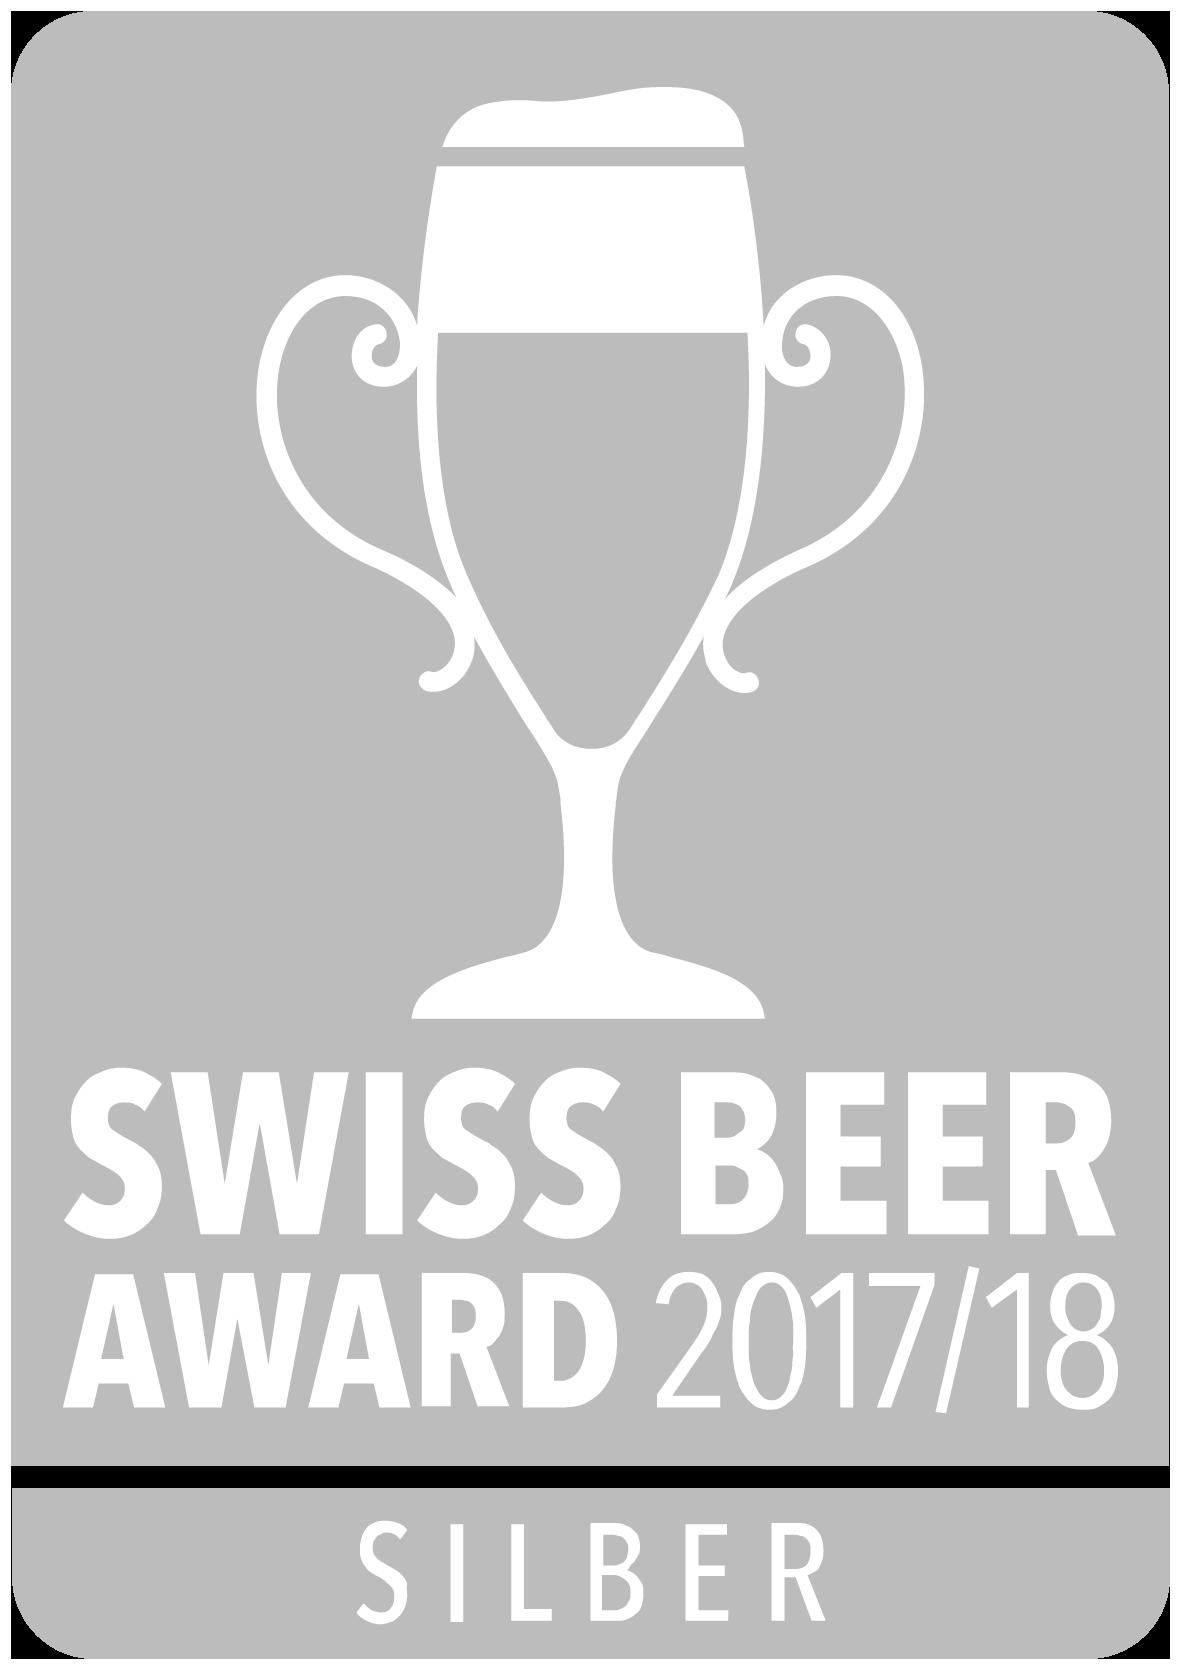 award_silber.png